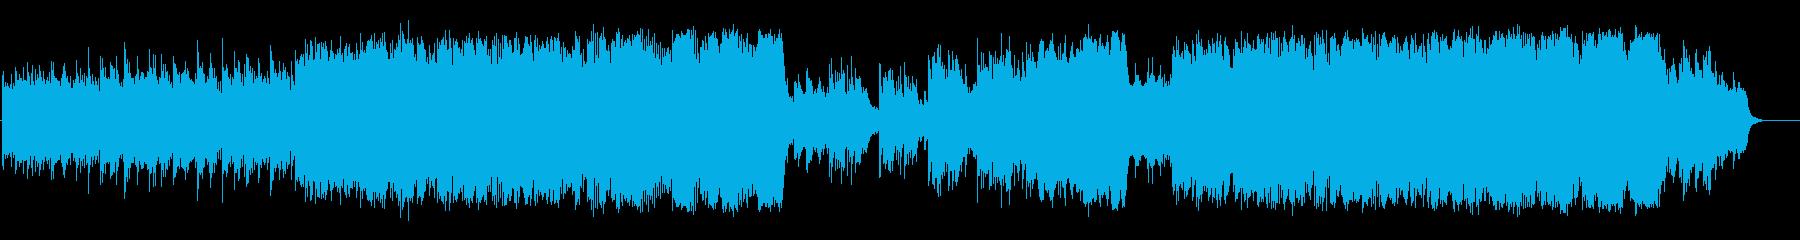 和風中華味のミクスチャー・サウンドの再生済みの波形